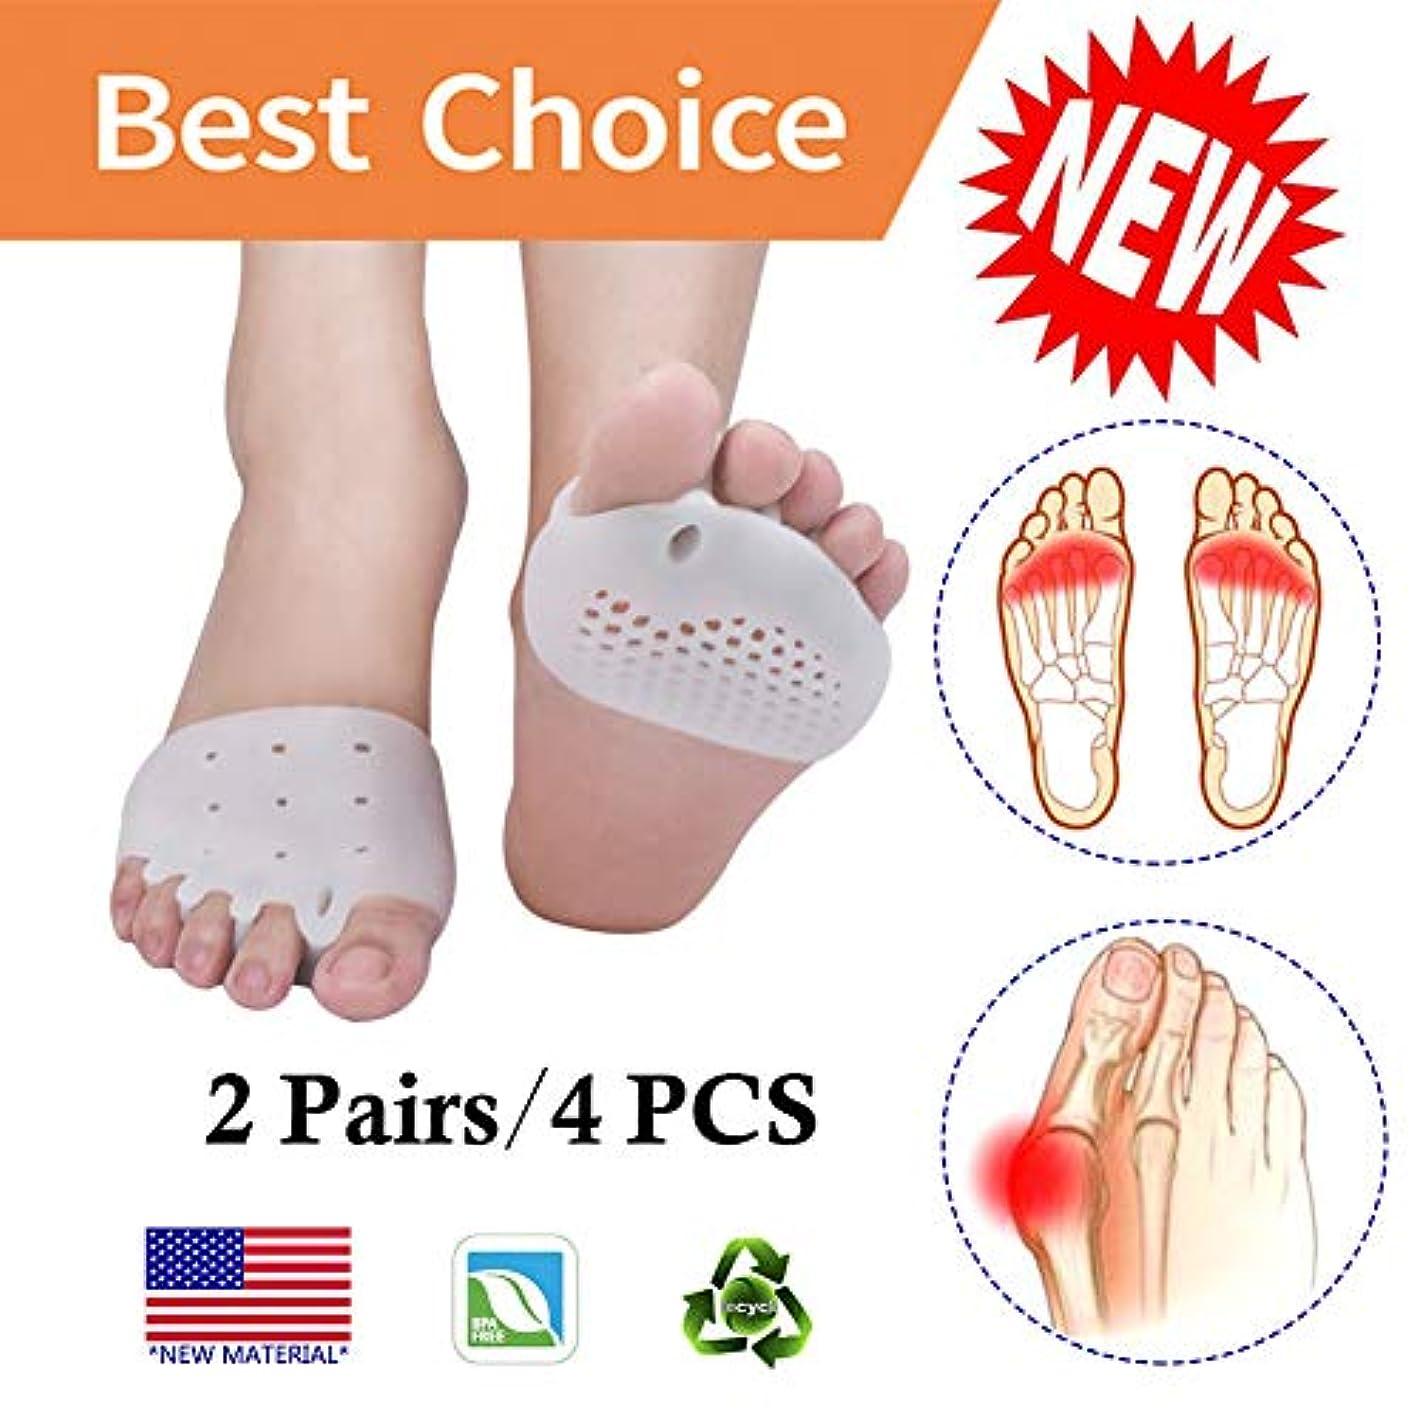 一目ちょうつがいマークダウンPnrskter 足裏保護パッド 中足前足パッド 通気性 柔らかい ジェル 糖尿病の足に最適 カルス 水疱 前足痛 男性のための両方の足に使用することができます (白(4ピース))